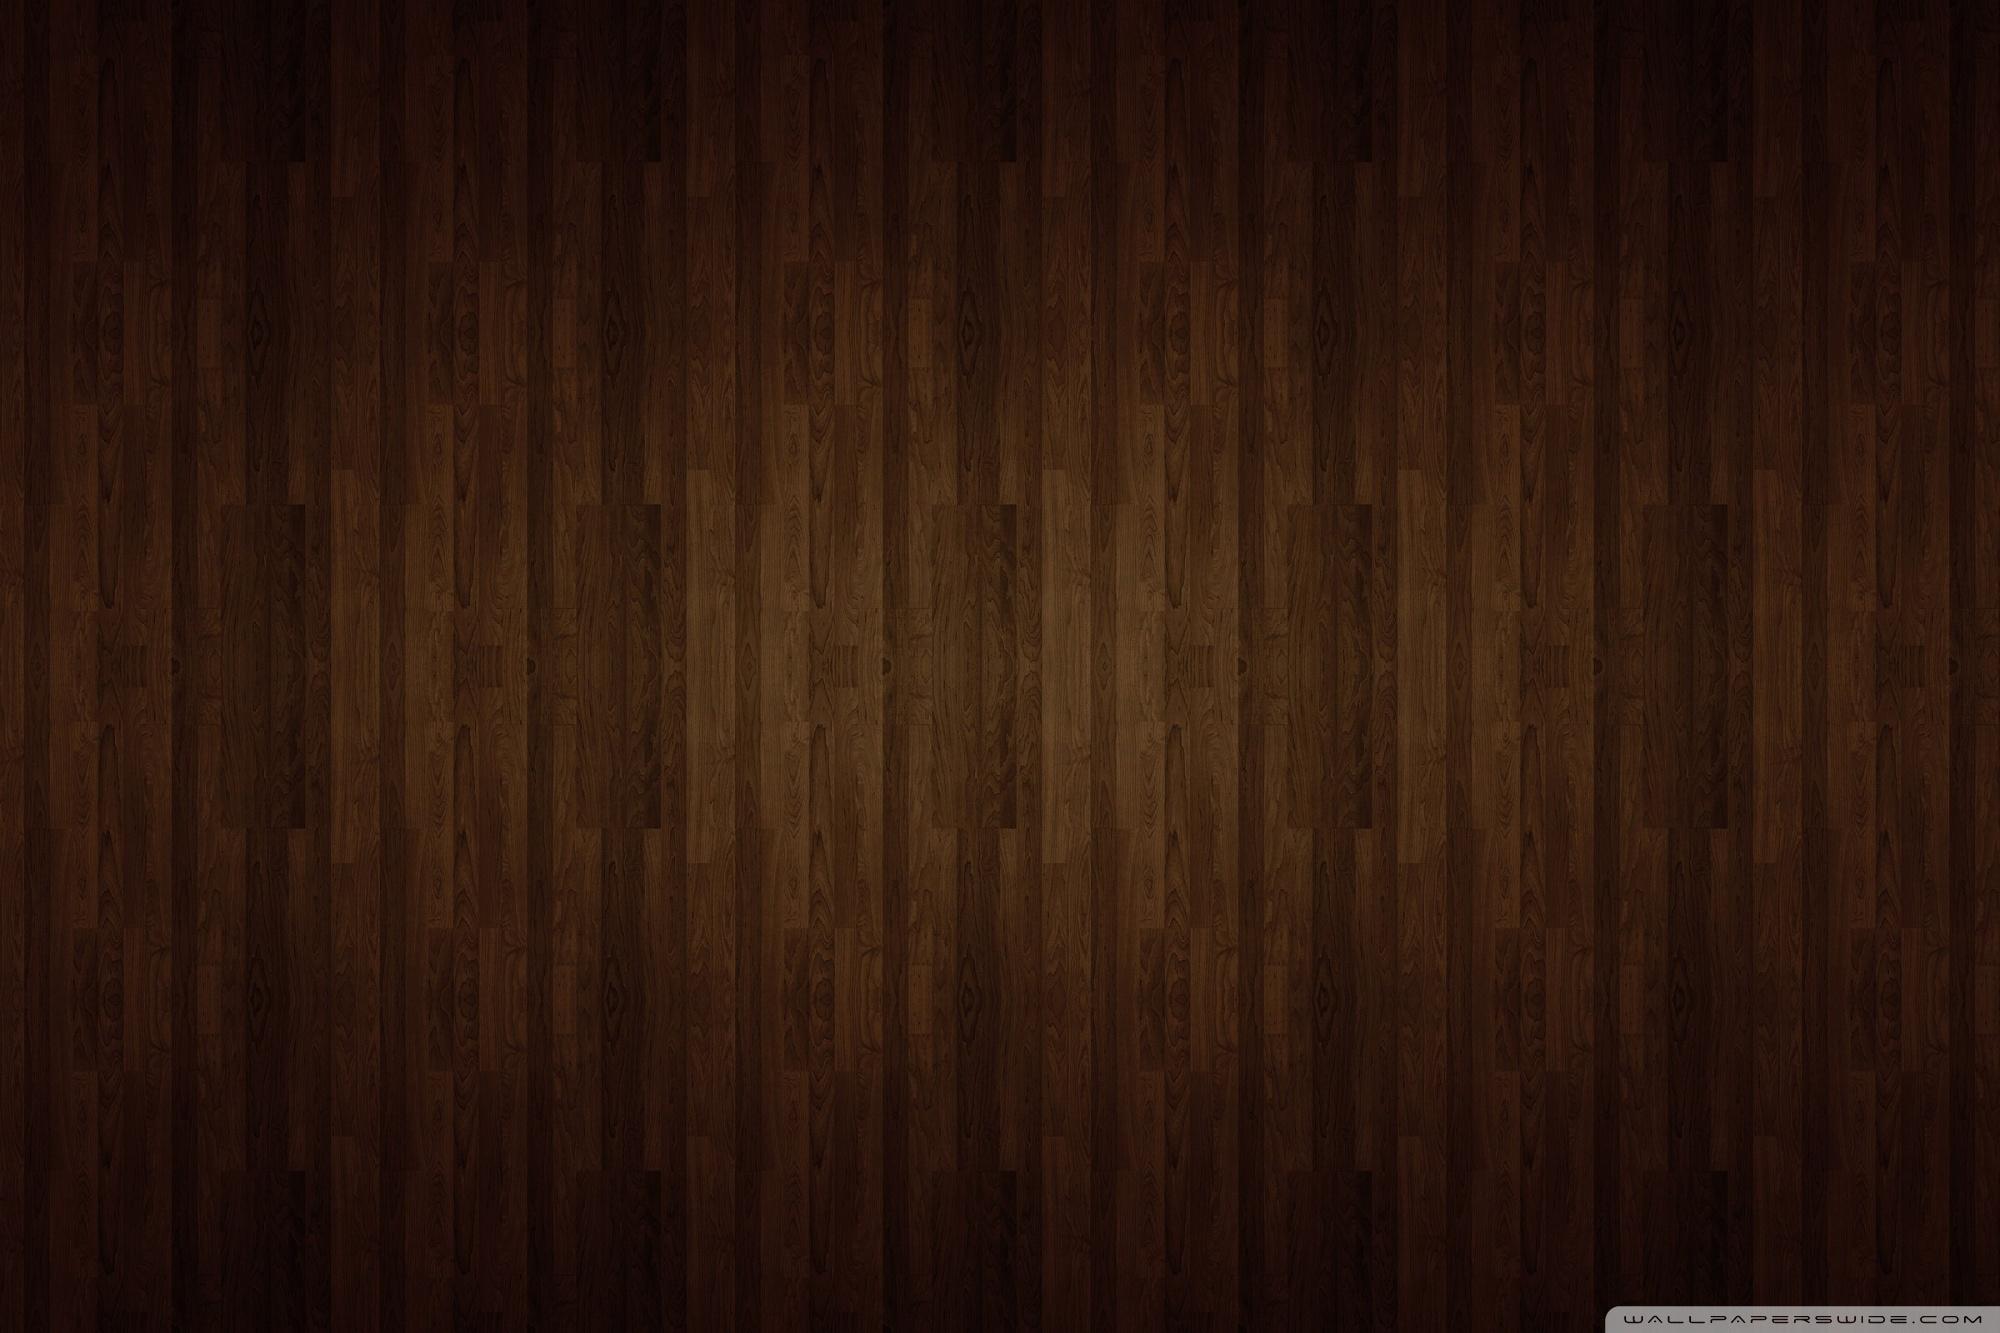 Brown Wood Pattern ❤ 4K HD Desktop Wallpaper for 4K Ultra HD TV ...